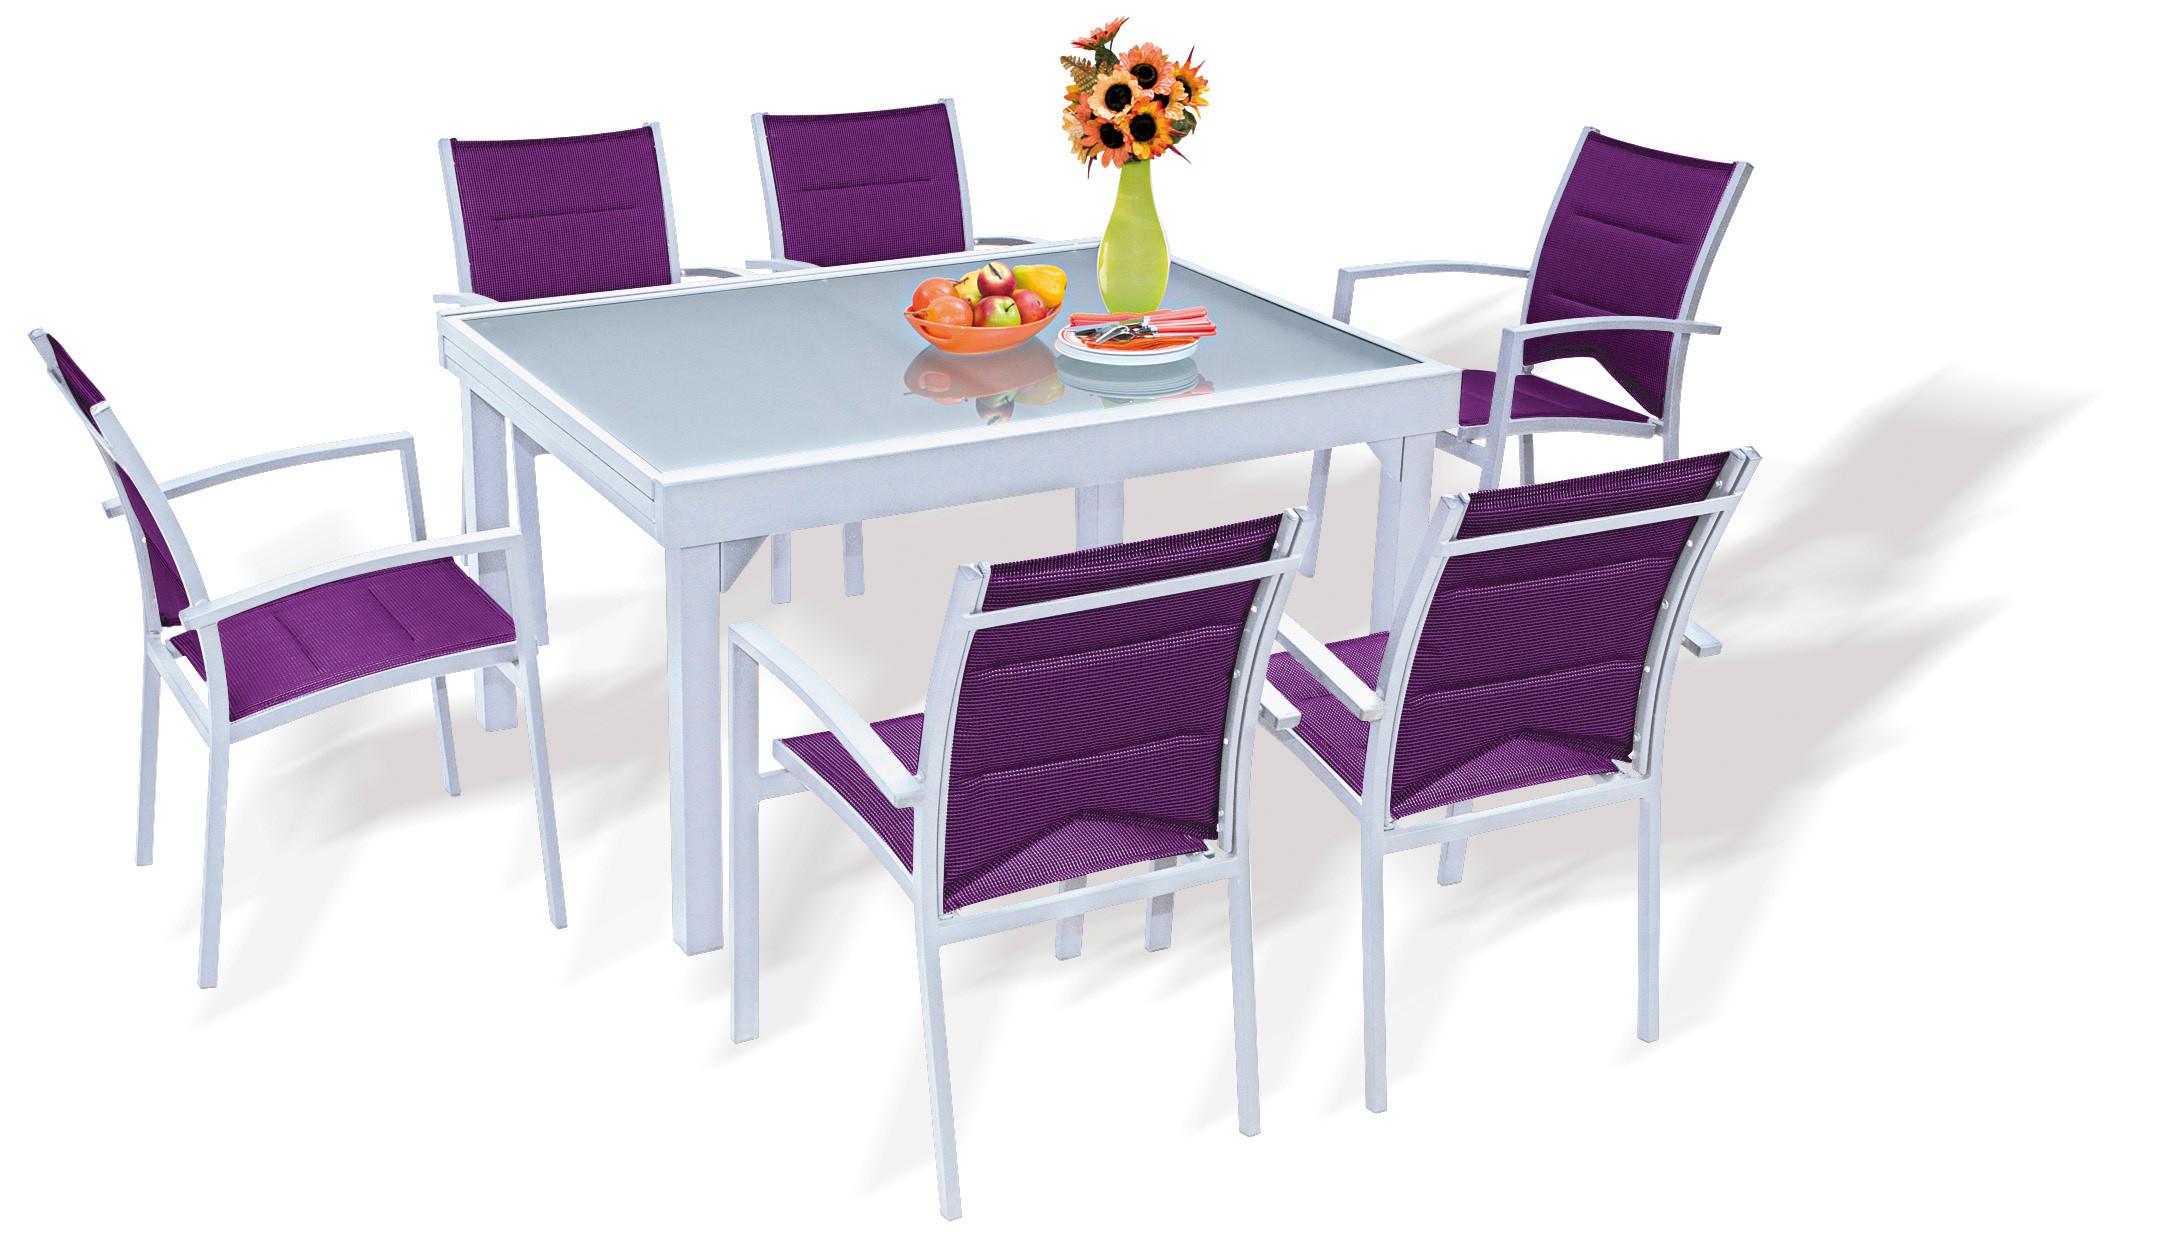 Chaise Pliante Jardin Gifi | Chaise Pliante Leroy Merlin Tables ...